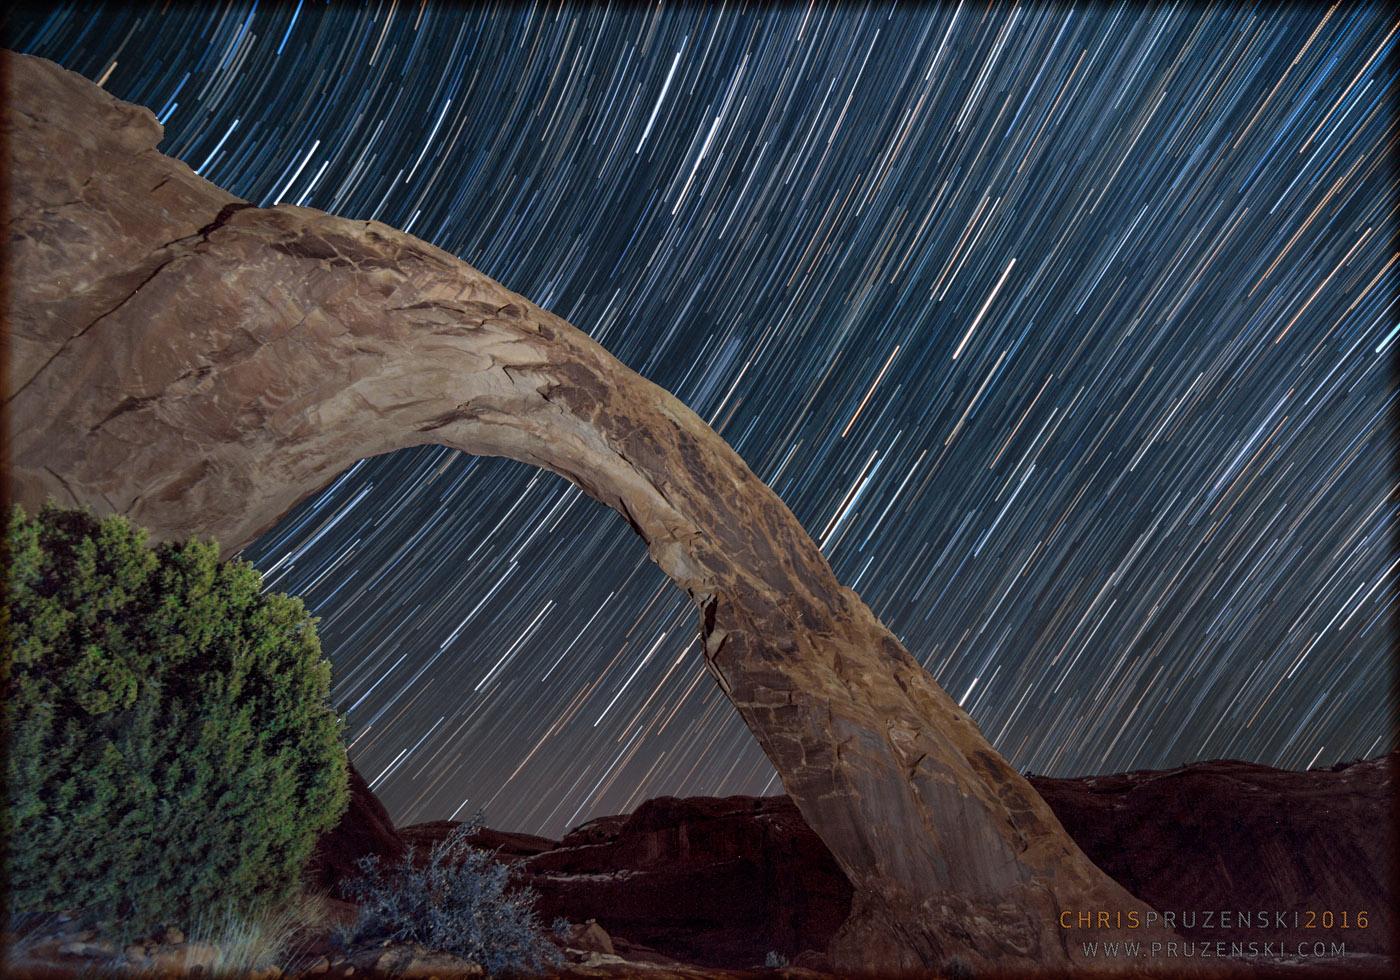 Star Trails Light Up Utah Desert in Stargazer's Stunning Image